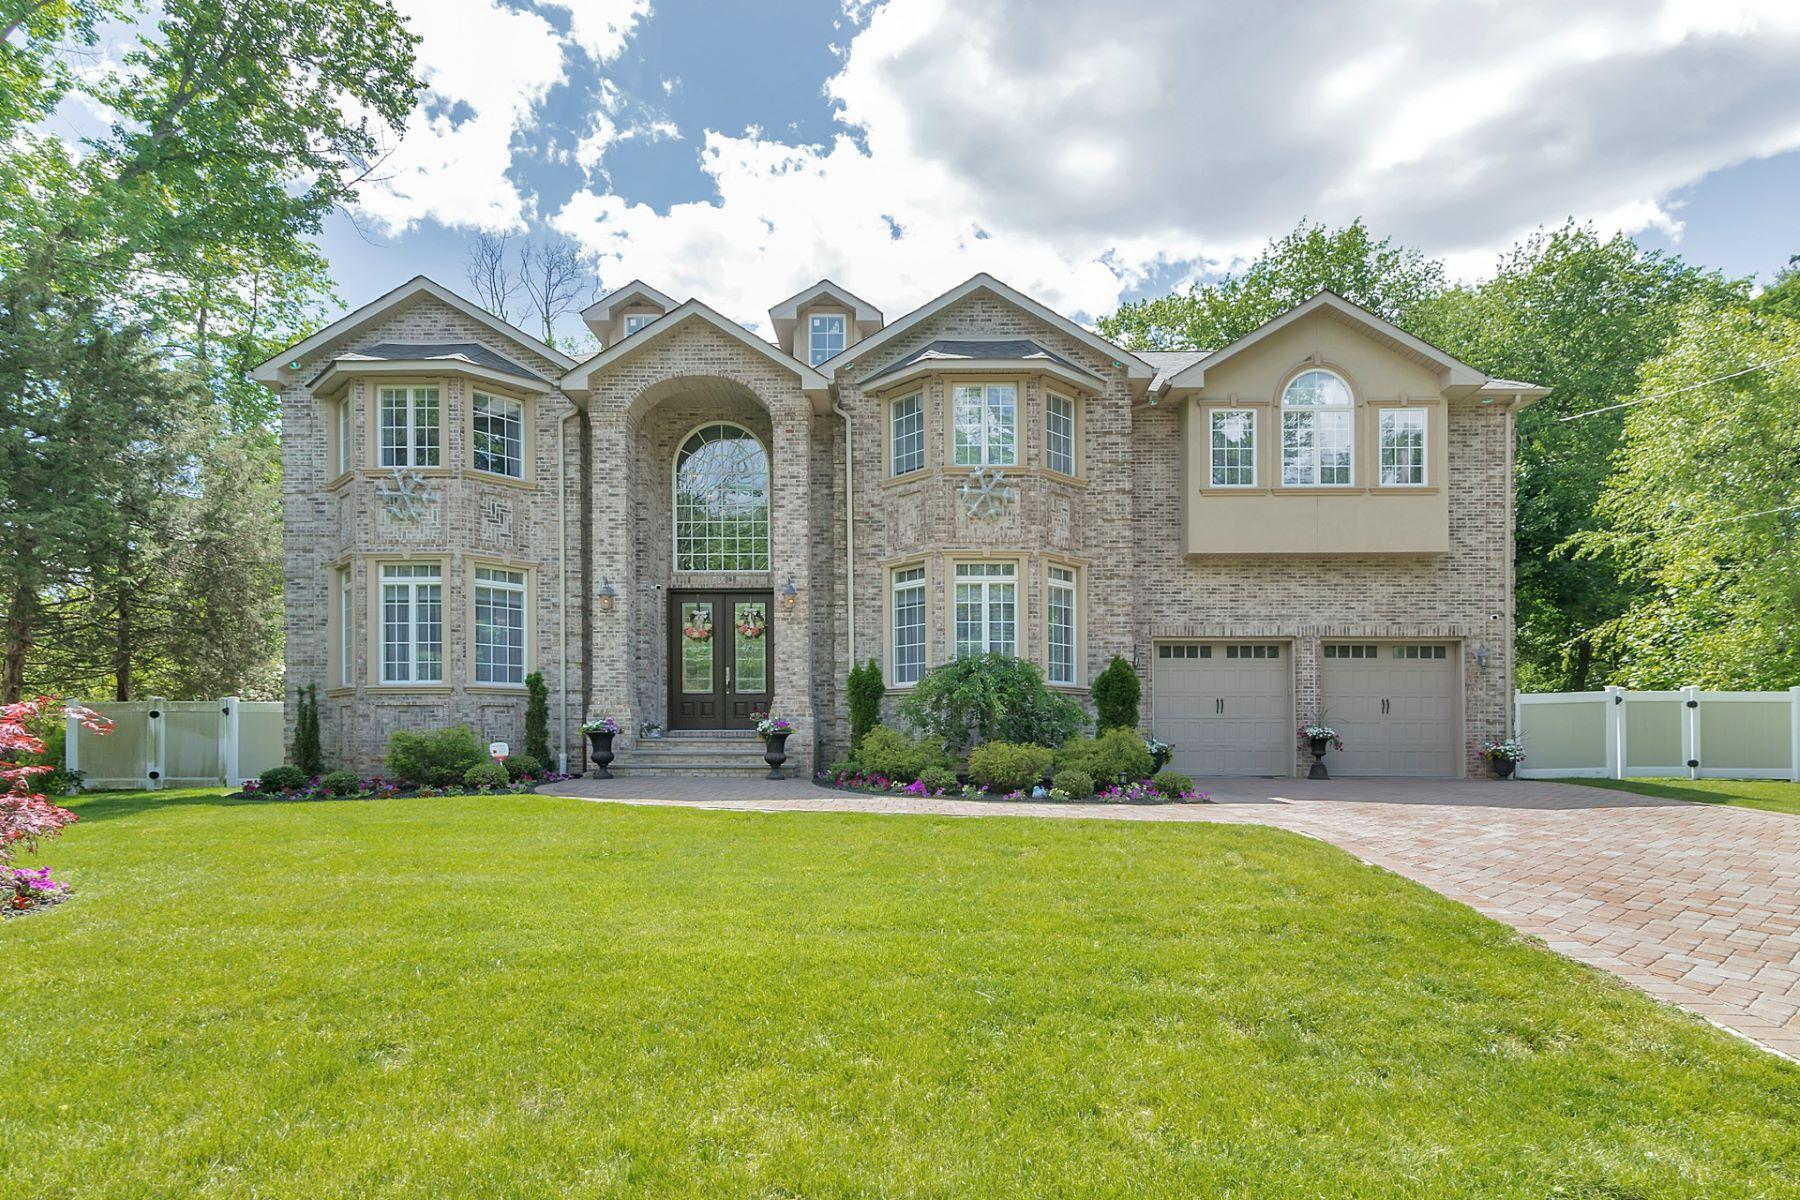 Maison unifamiliale pour l Vente à Custom Built Colonial 78 Highland Avenue, Harrington Park, New Jersey 07640 États-Unis